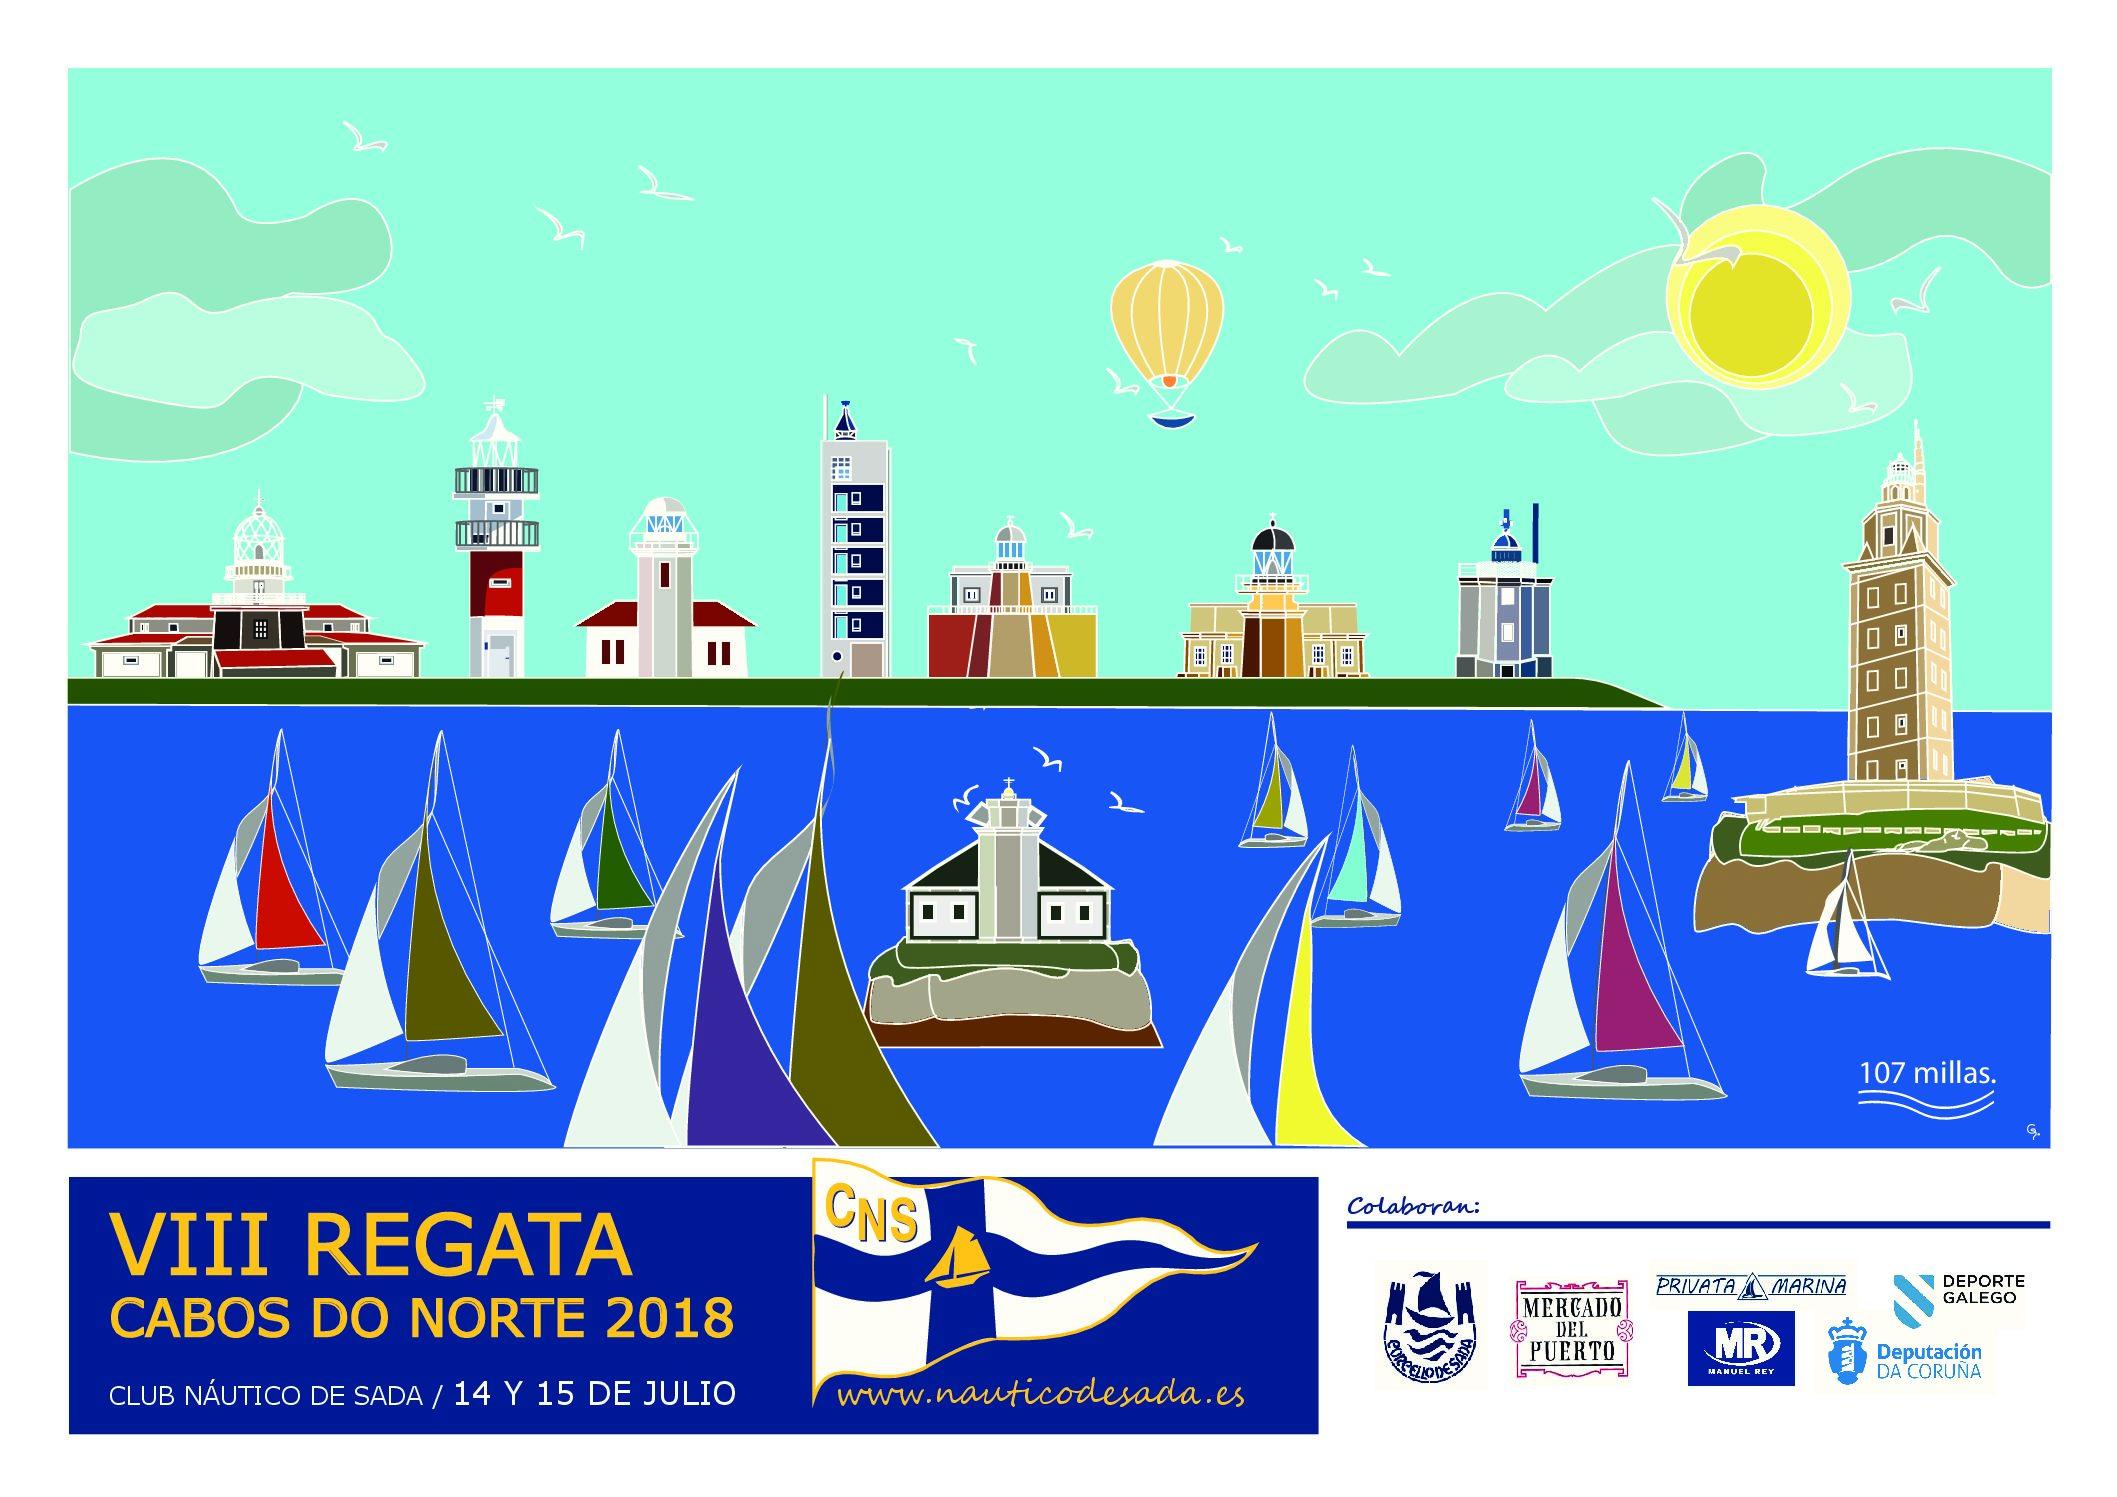 VIII EDICION REGATA CABOS DO NORTE 2018